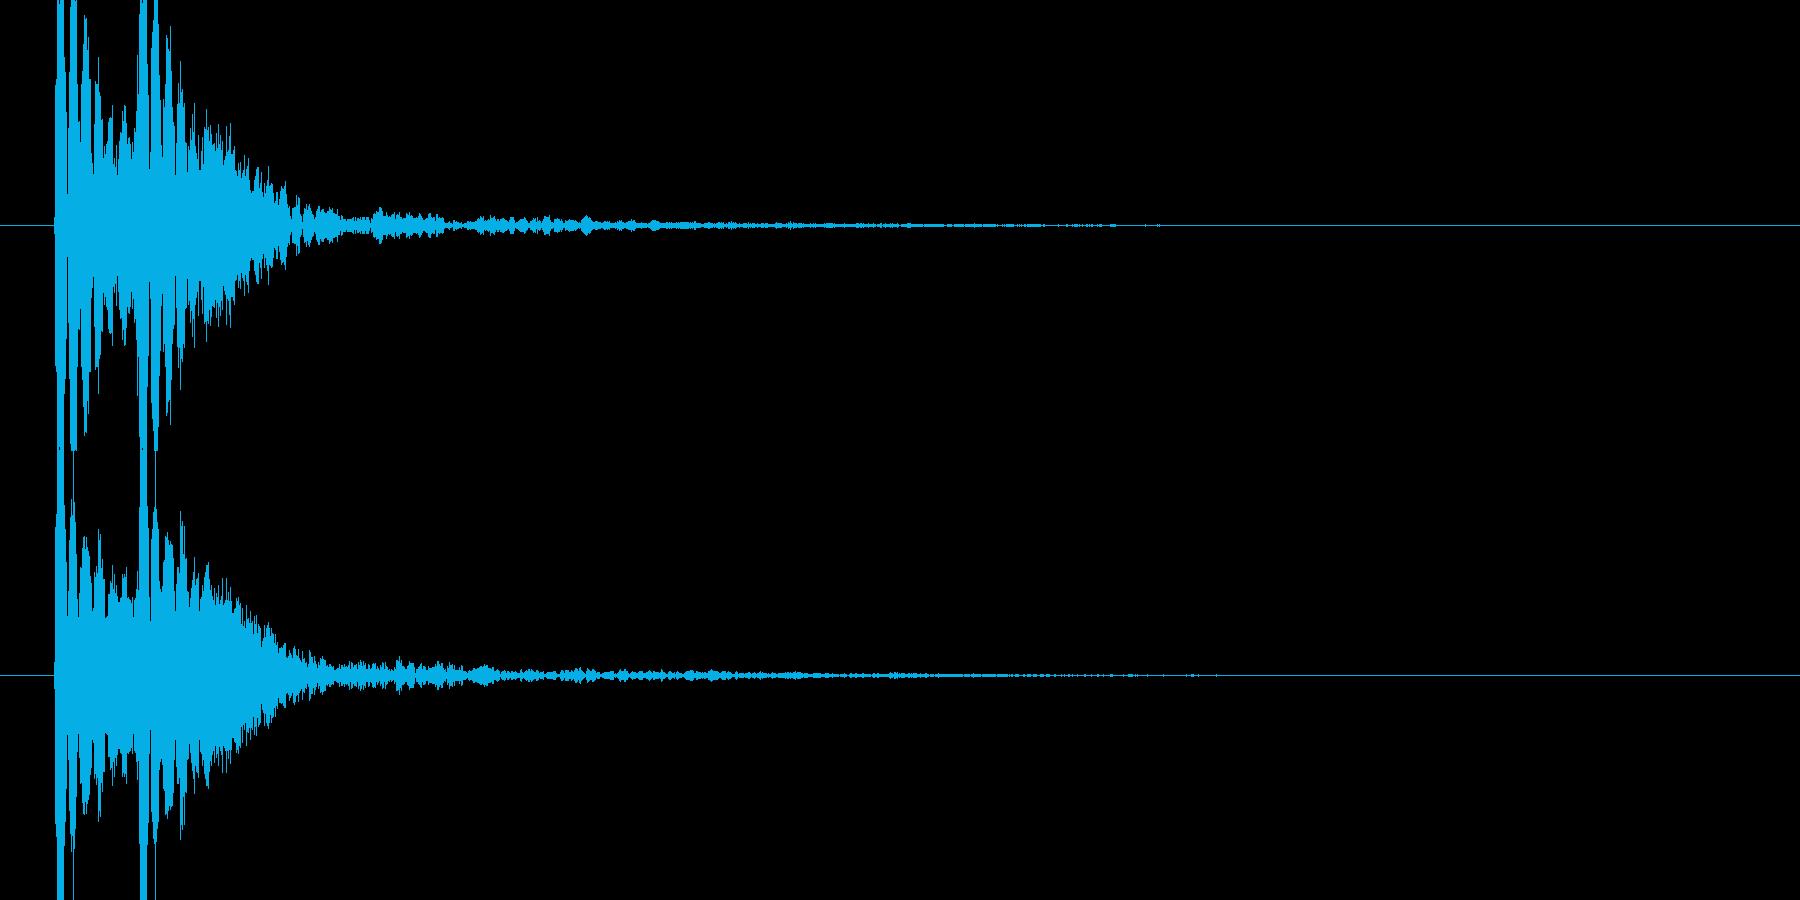 トントン(高めの音の和太鼓)の再生済みの波形